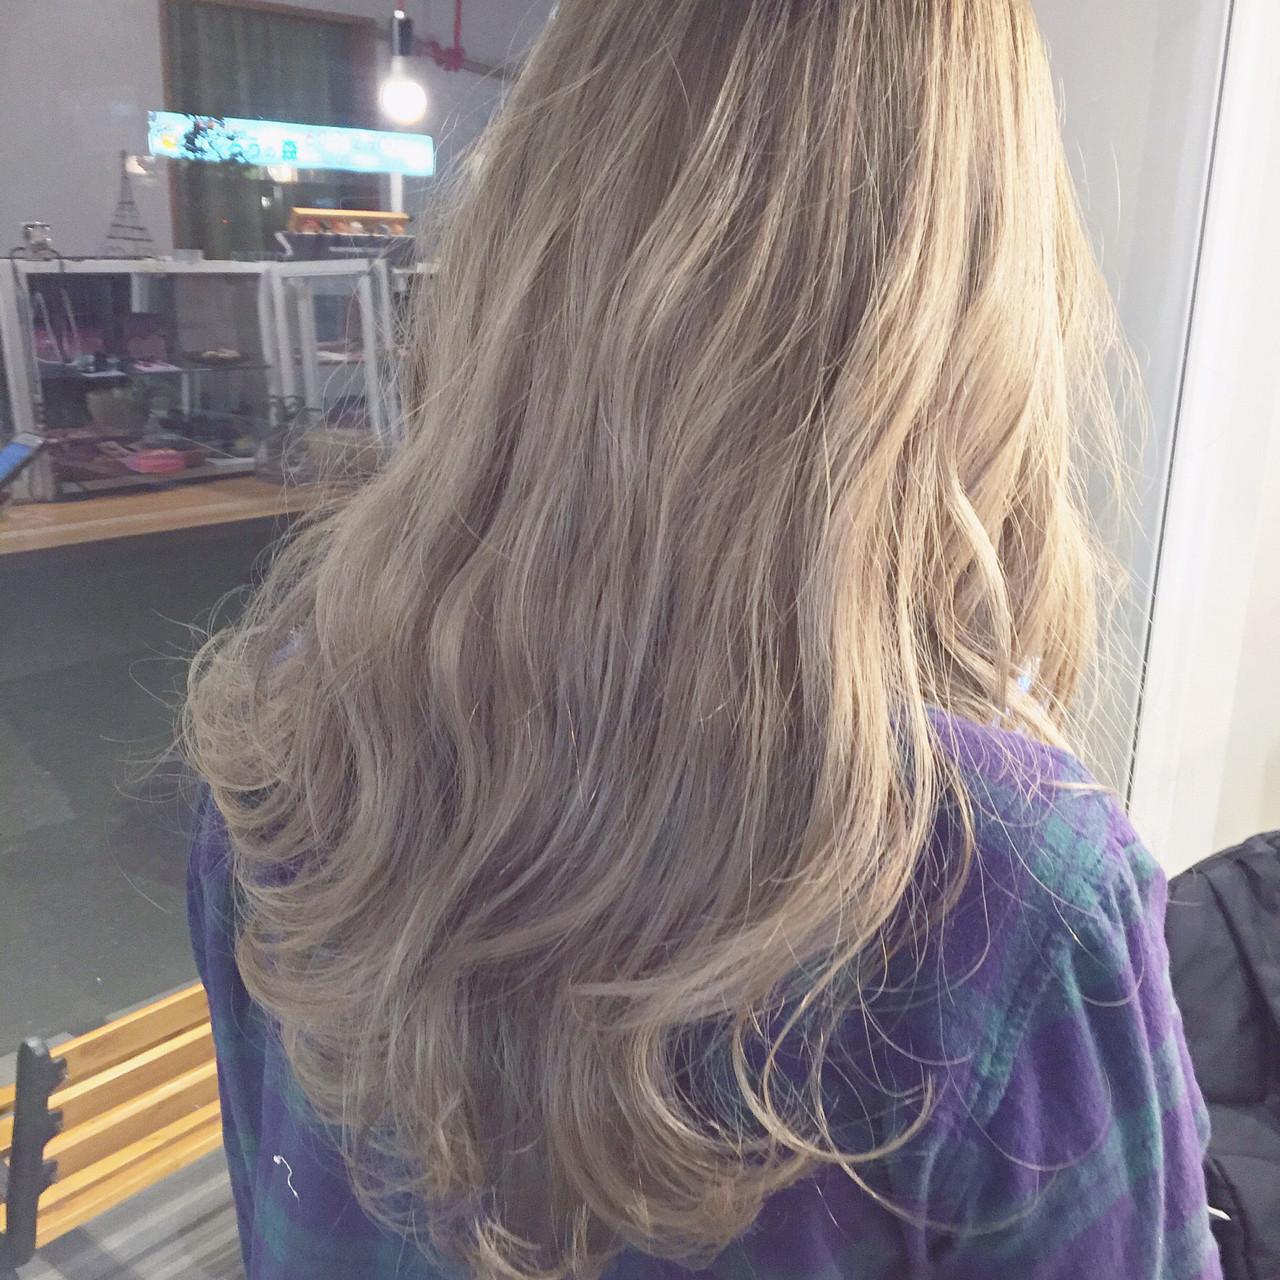 ナチュラル グラデーションカラー ハイトーン セミロング ヘアスタイルや髪型の写真・画像